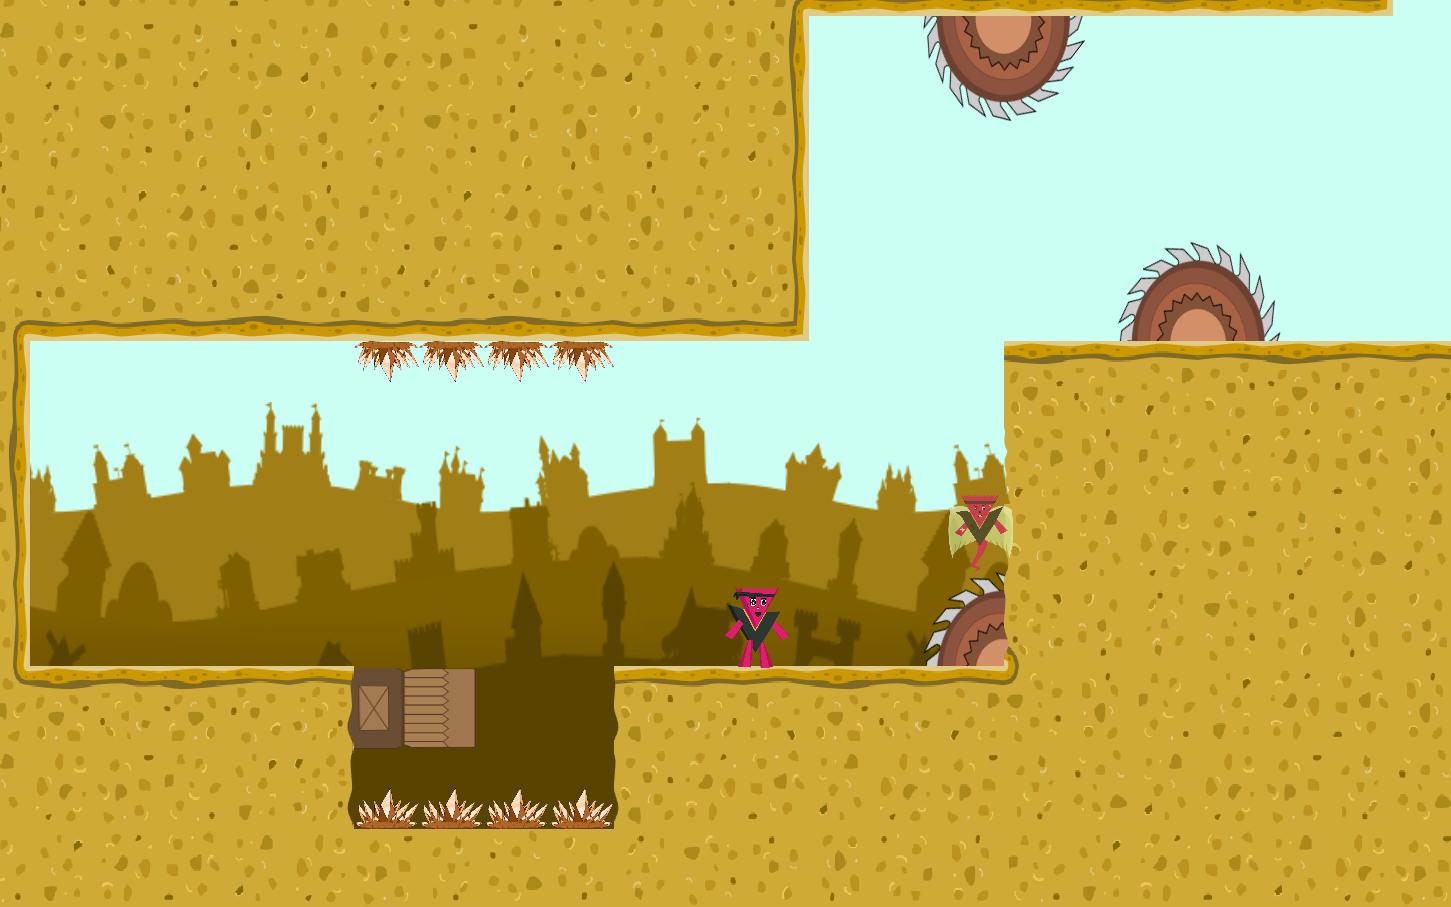 Quest of Vidhuraa | Ragequit level